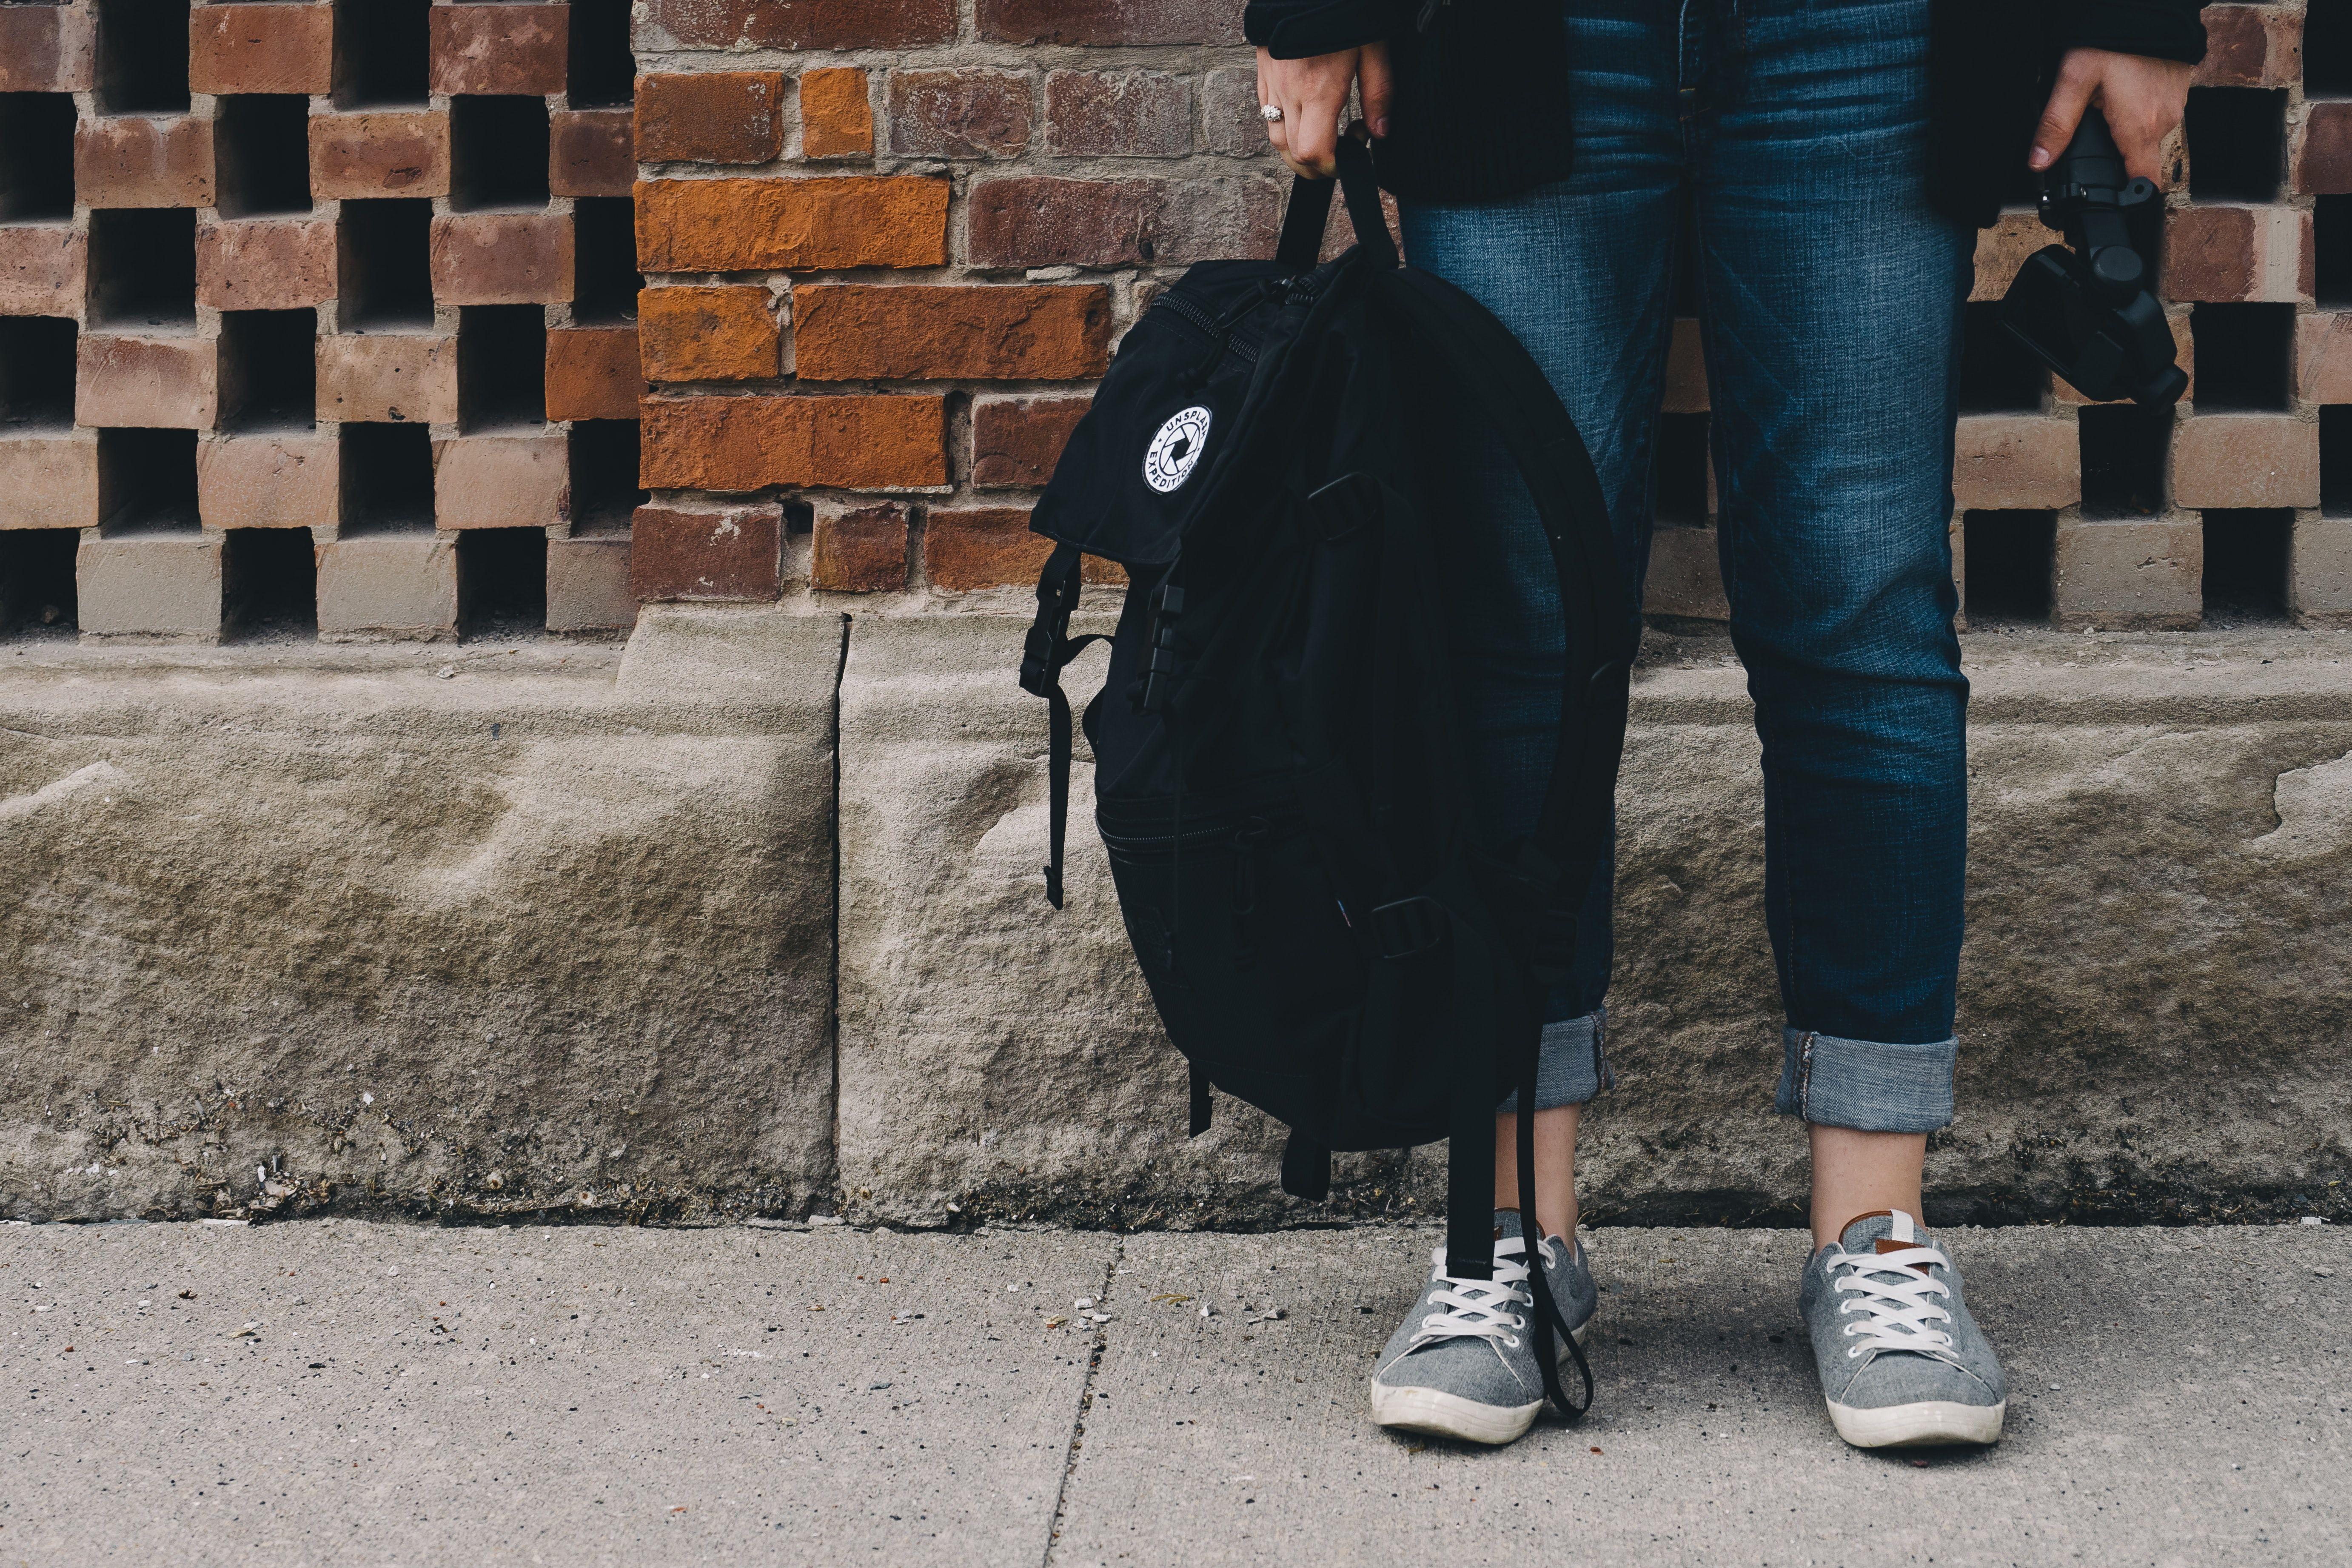 美國留學前準備事項 – 錄取後才是真正的挑戰